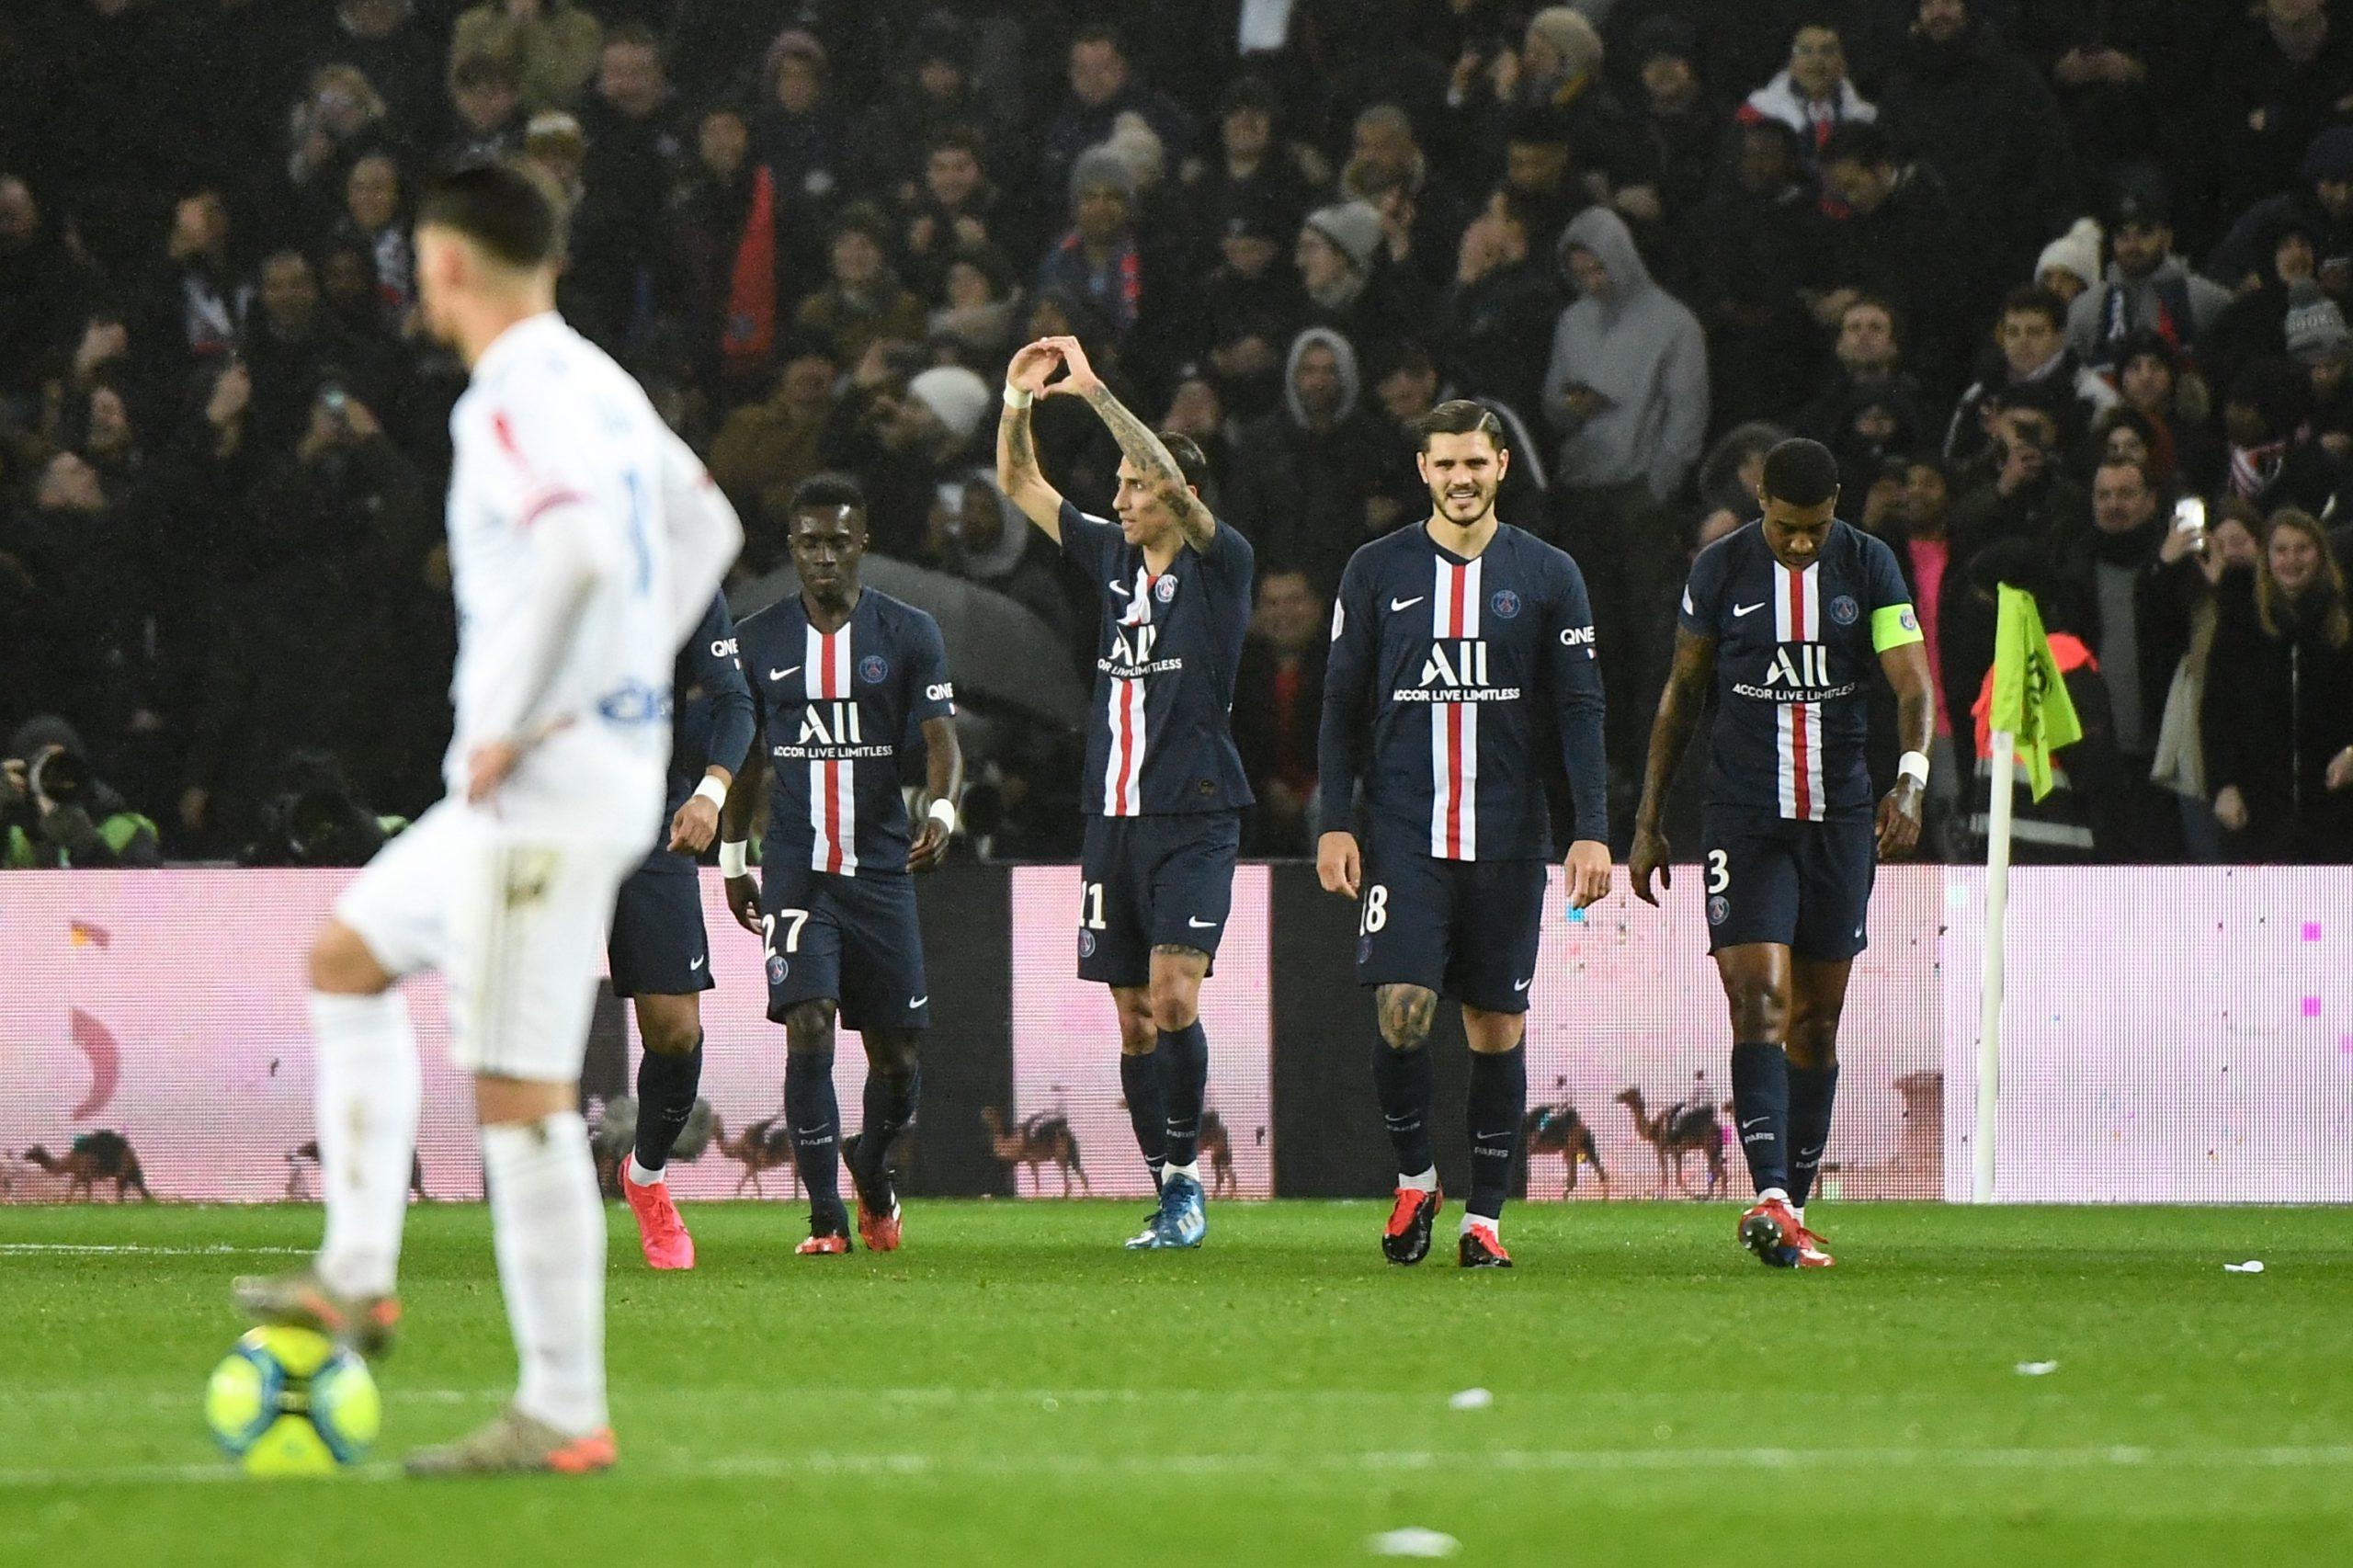 PSG/OL - Les notes des Parisiens dans la presse : Di Maria homme du match, Kimpembe en difficulté